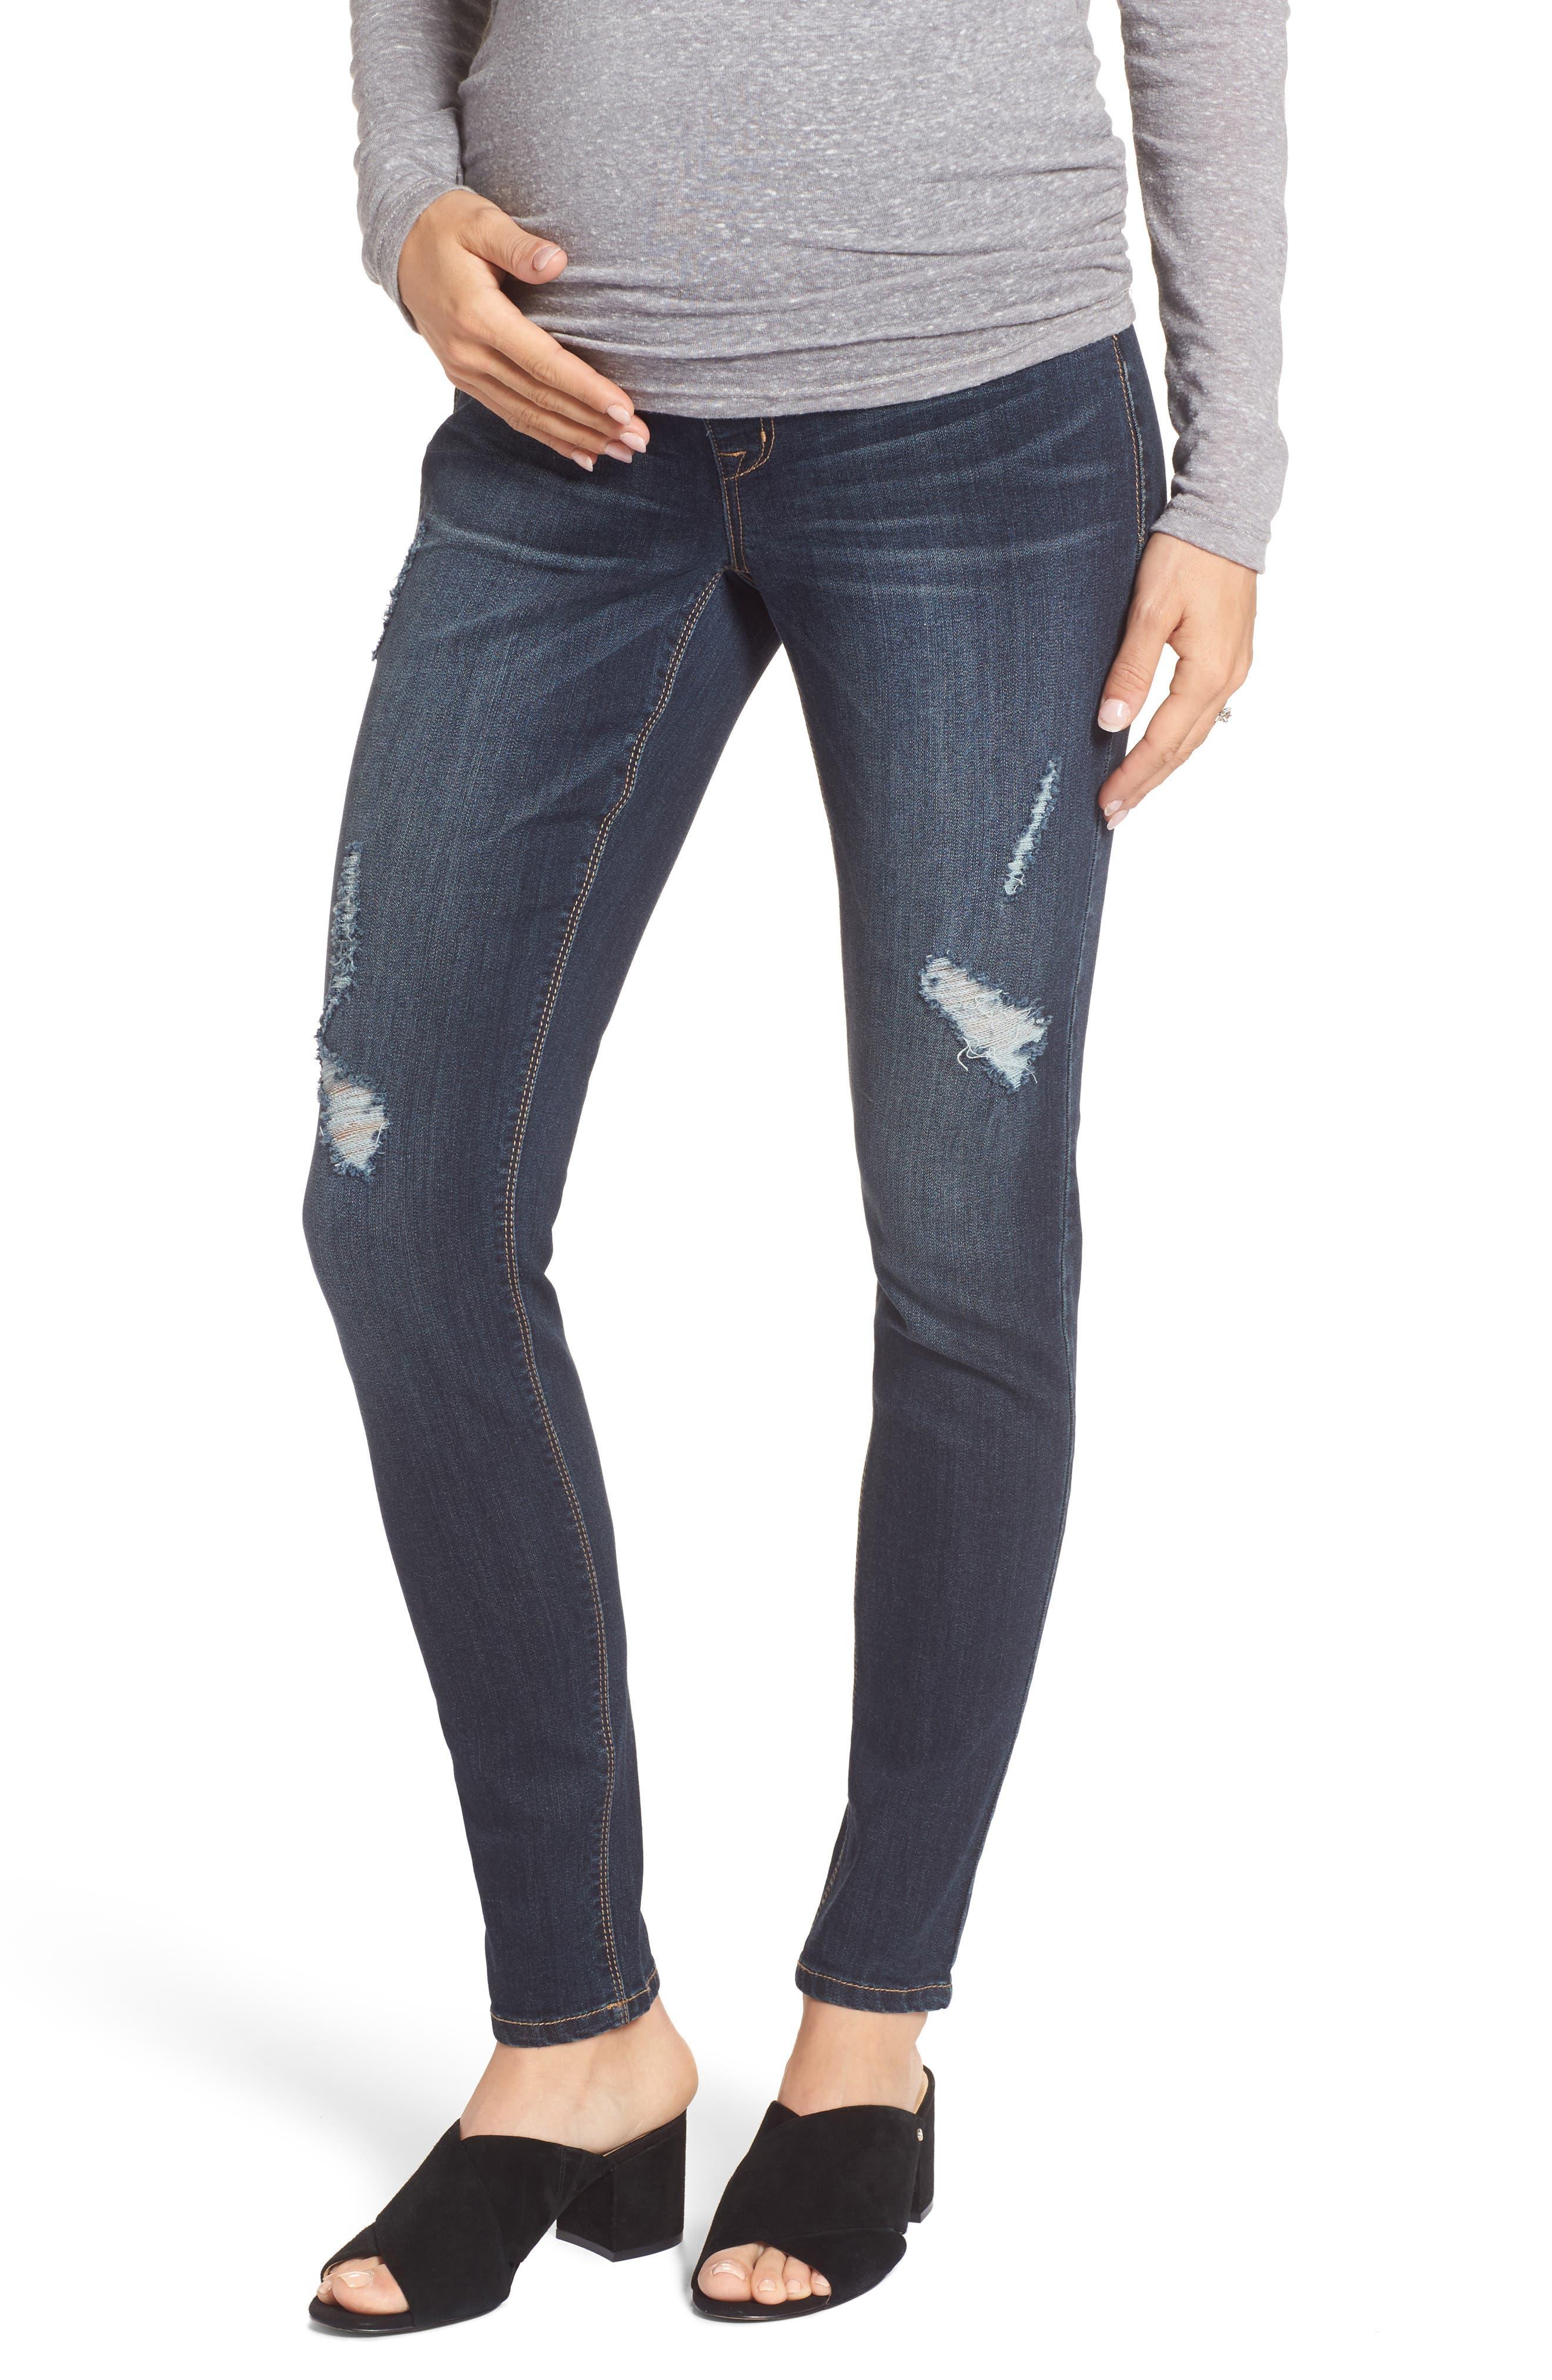 Alternate Image 1 Selected - 1822 Denim Destructed Maternity Skinny Jeans (Hazel)